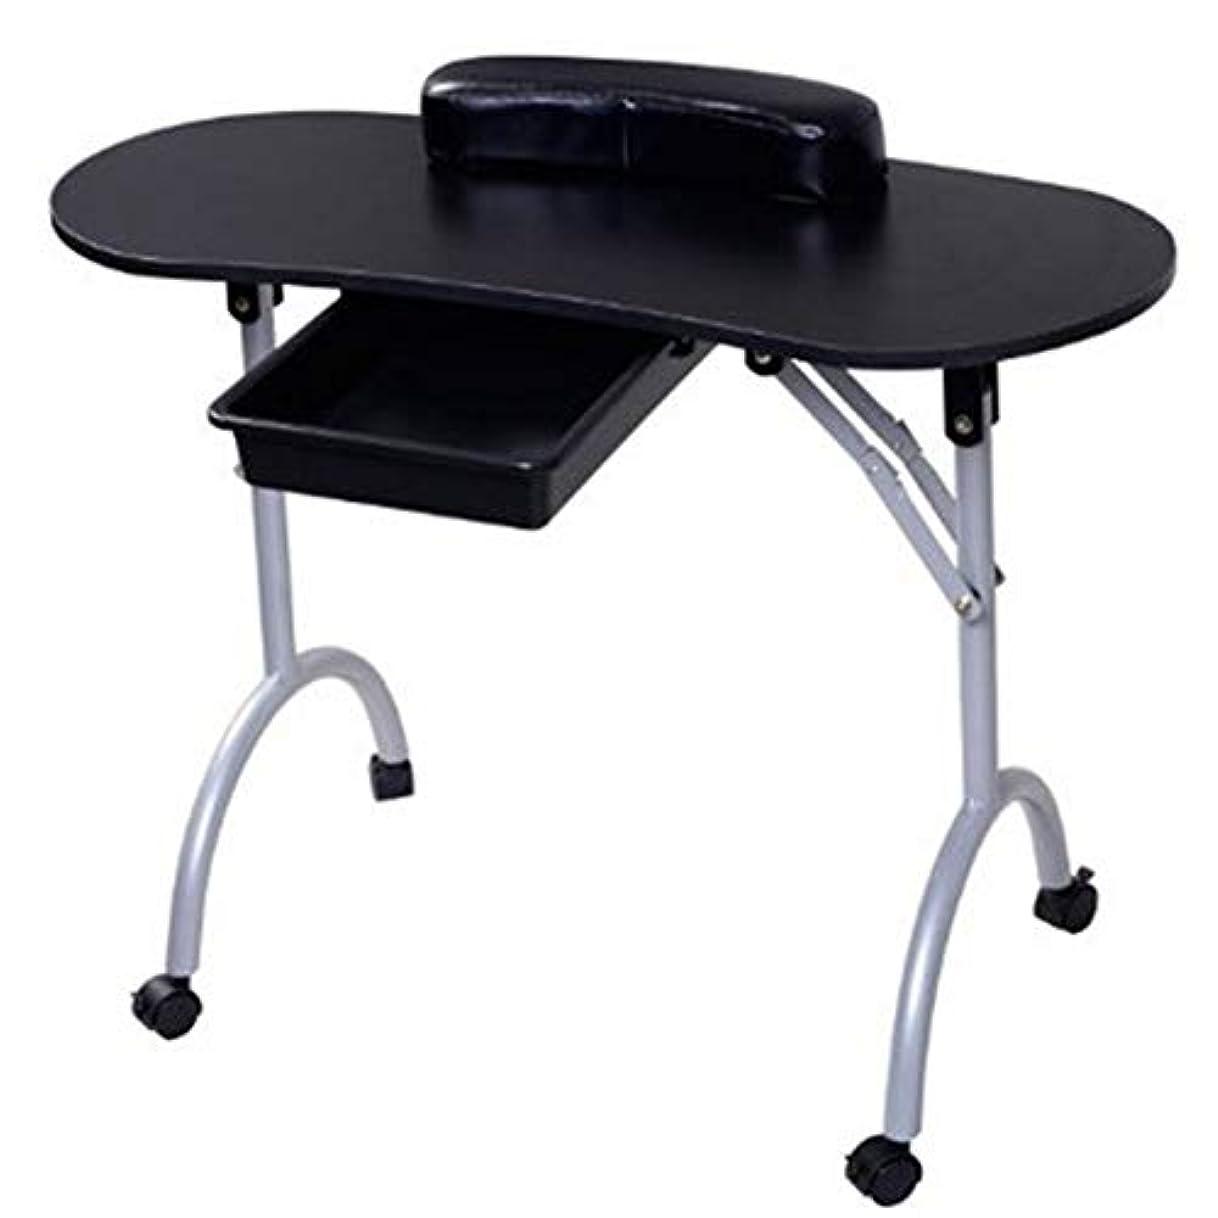 芸術賞割る折りたたみネイルテーブルホームポータブルモバイルプーリー車スタジオビューティーサロンマニキュアテーブル引き出しとリストレストとキャリングバッグ,Black